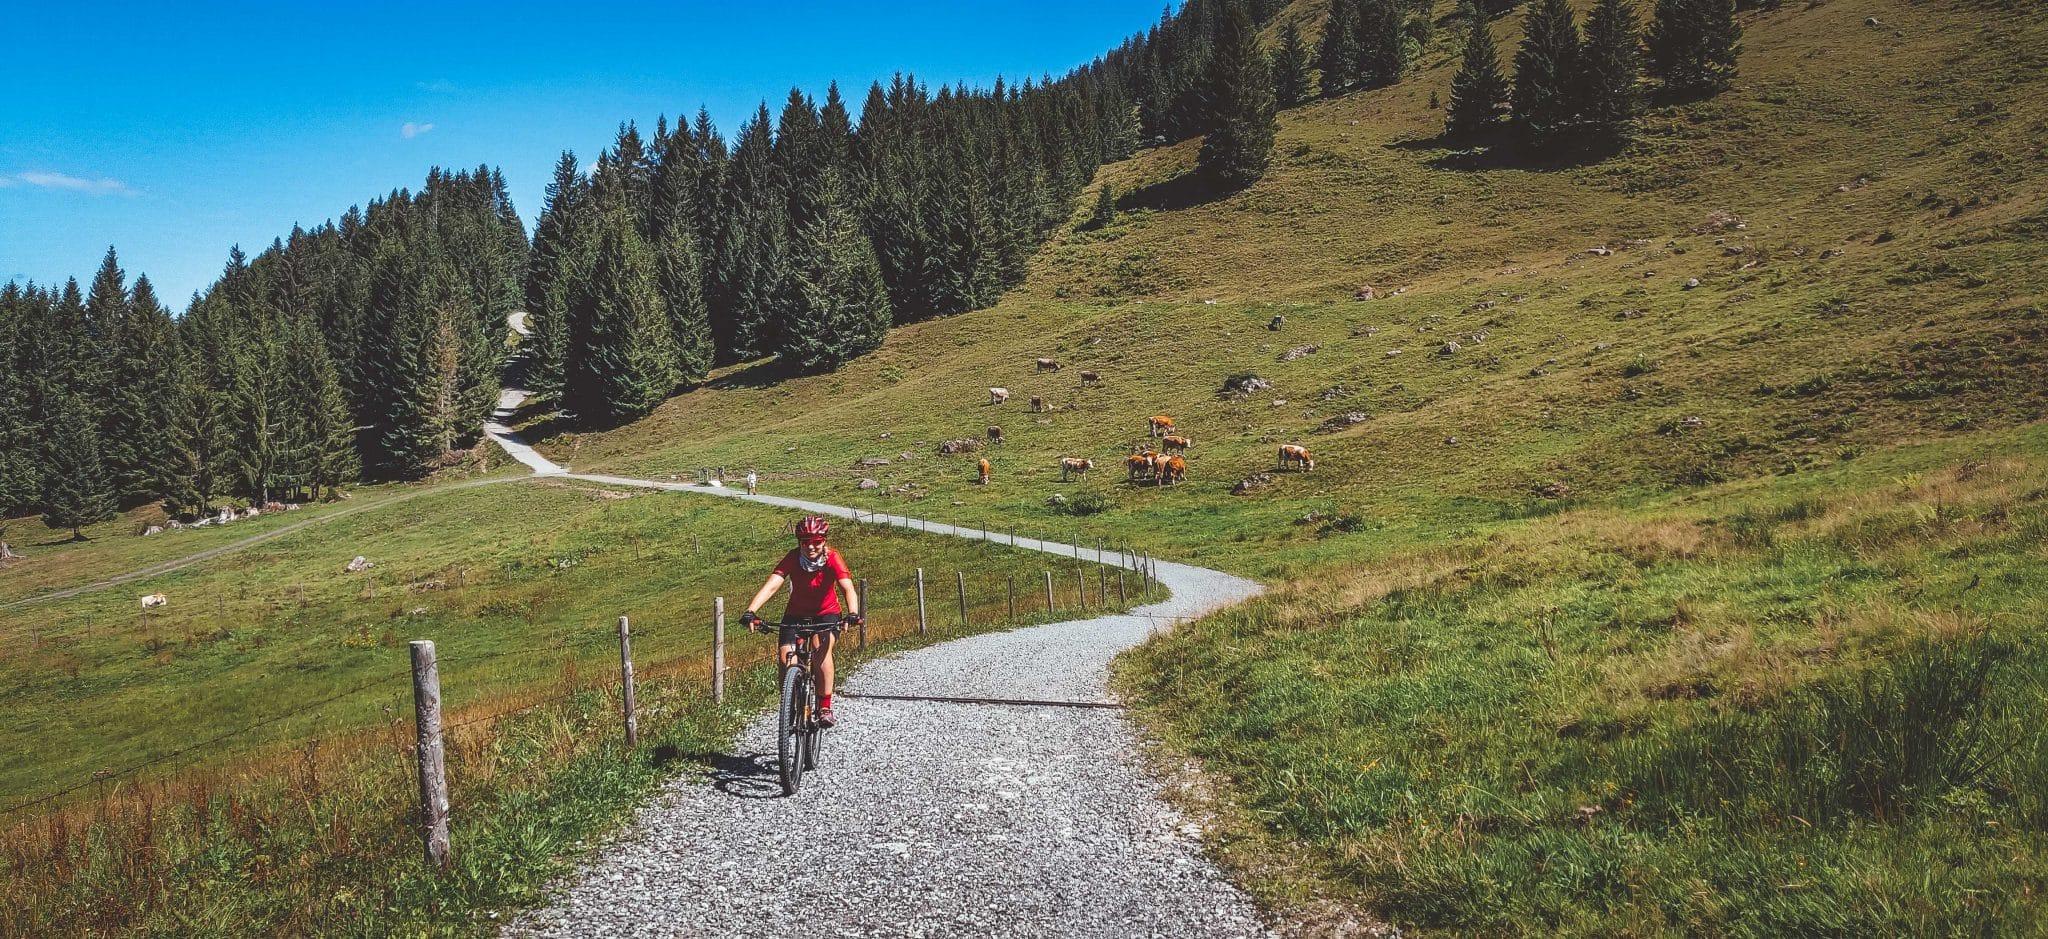 Mountainbike Urlaub in den Allgäuer Alpen - Erfahrungsbericht zum Fahrradurlaub